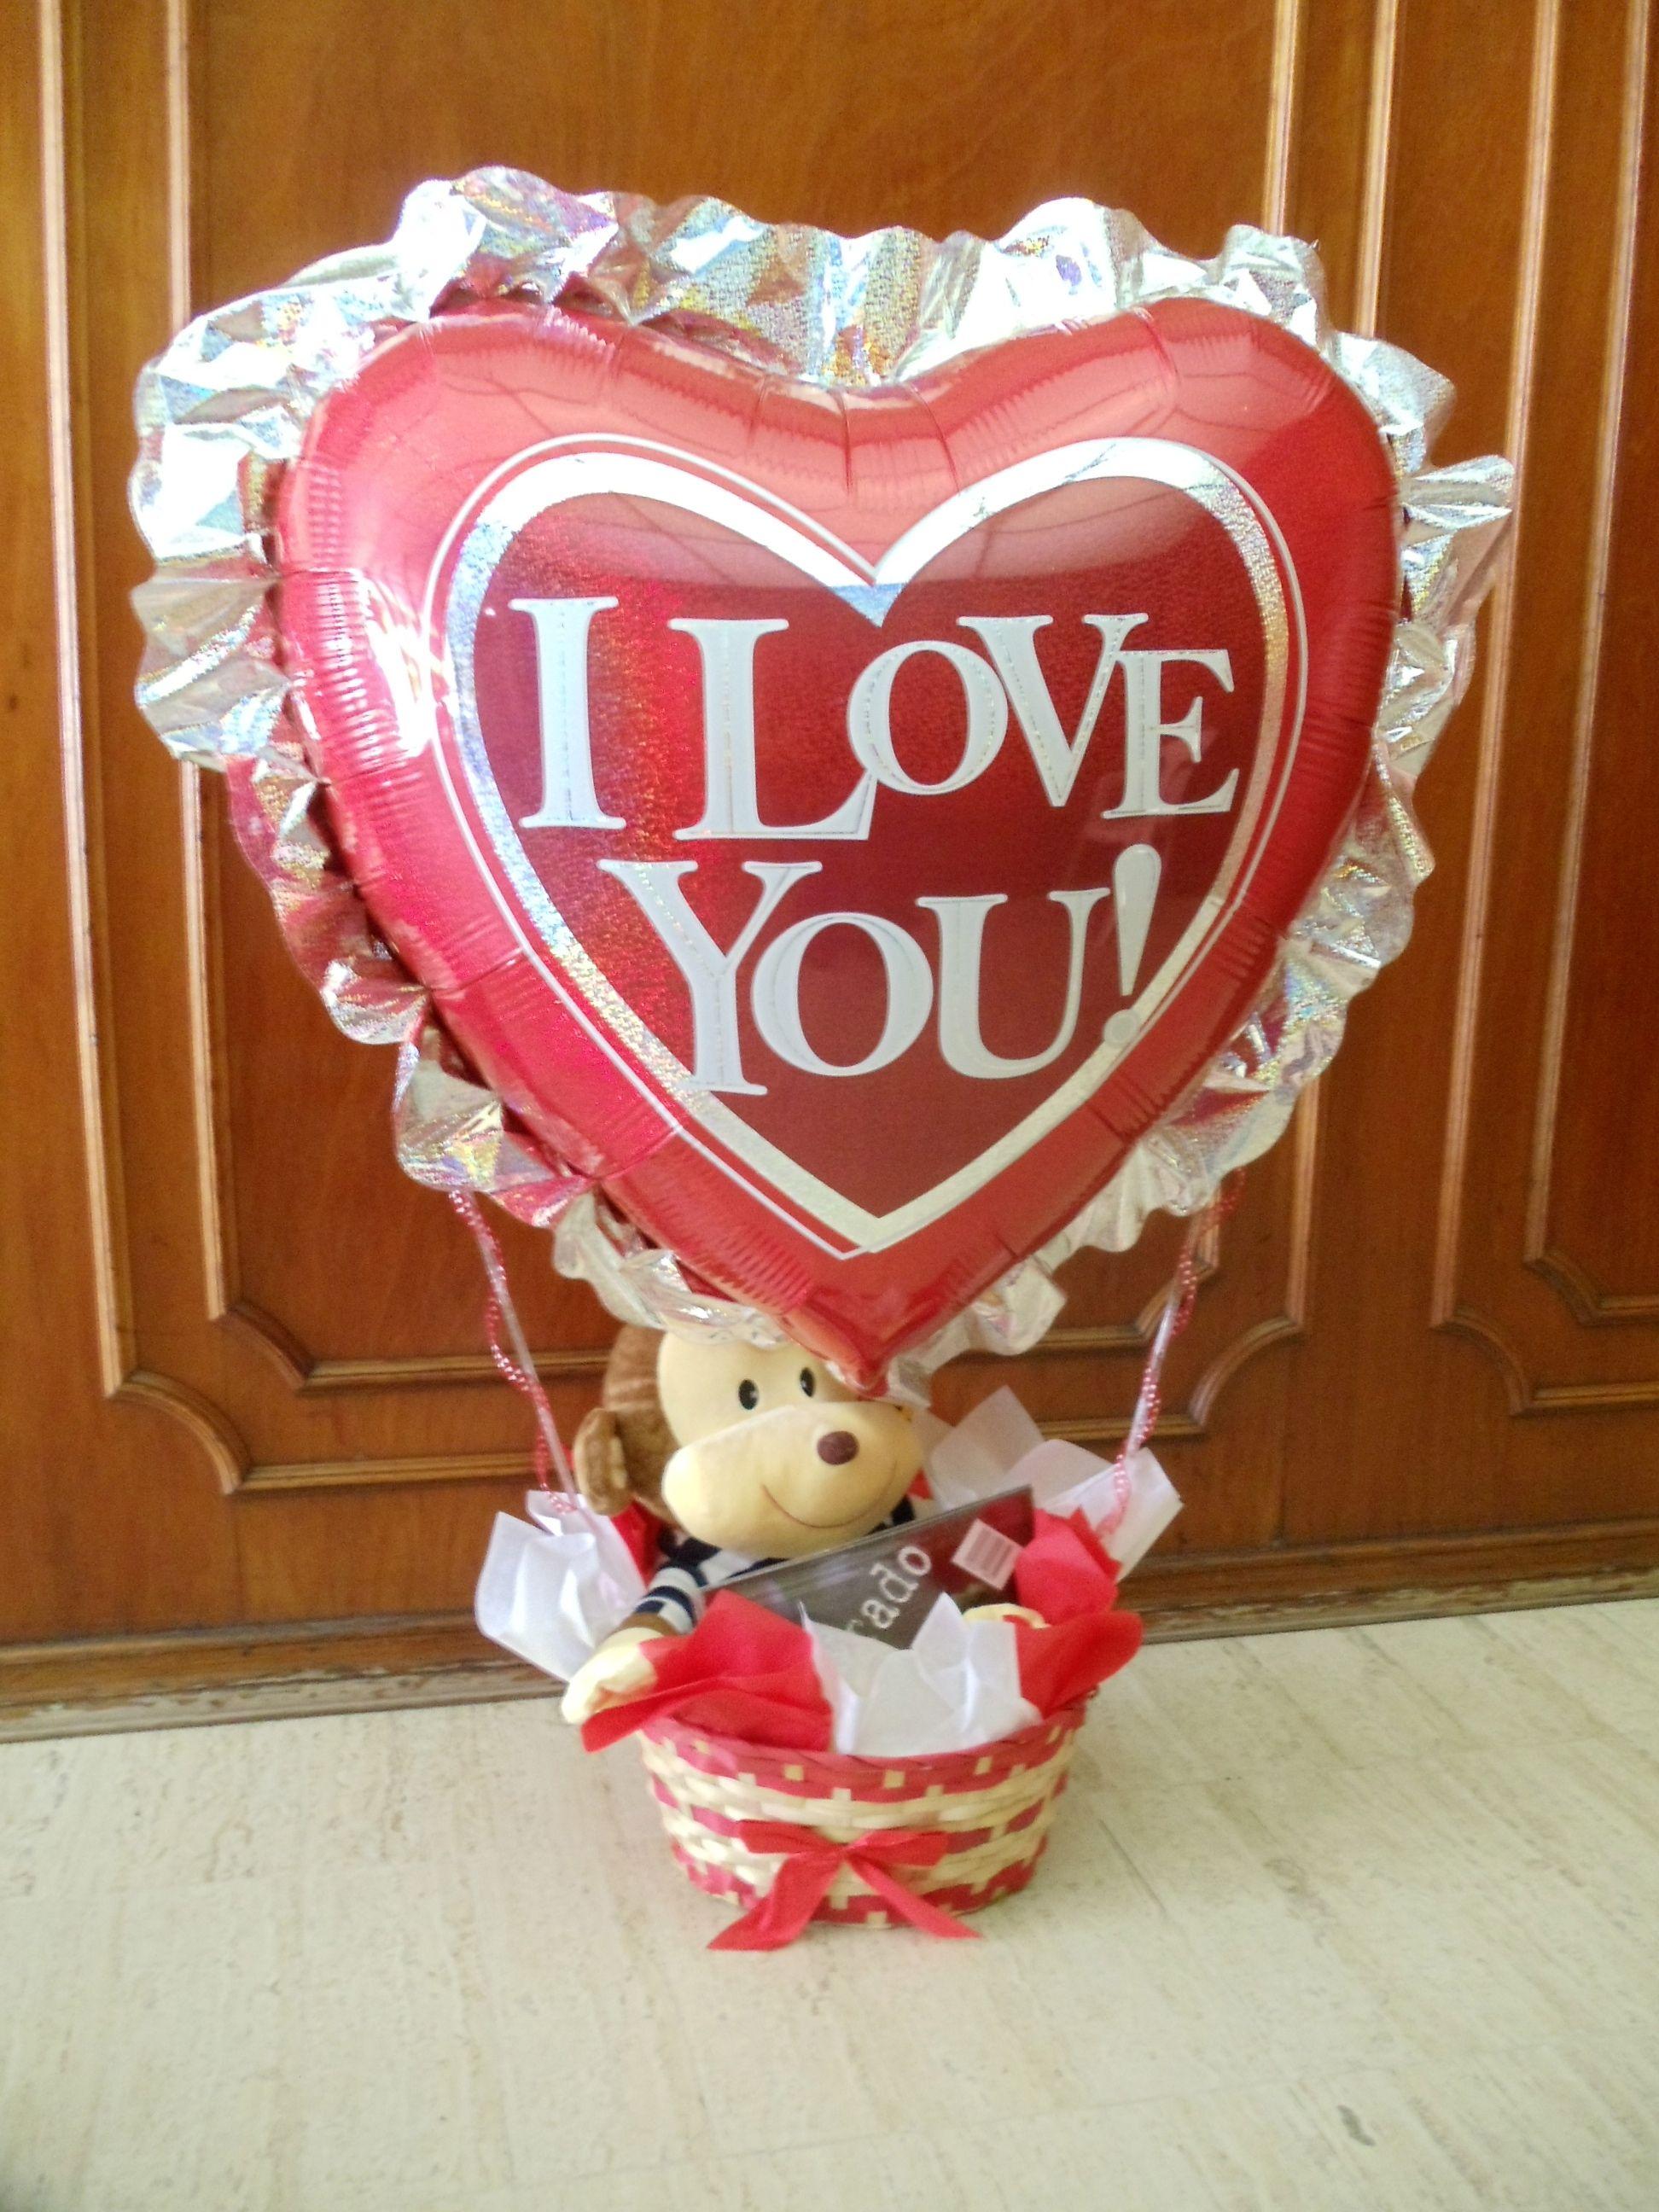 Te amo, envío a casa, desde Amer Boutique.México DF 0155 55246977